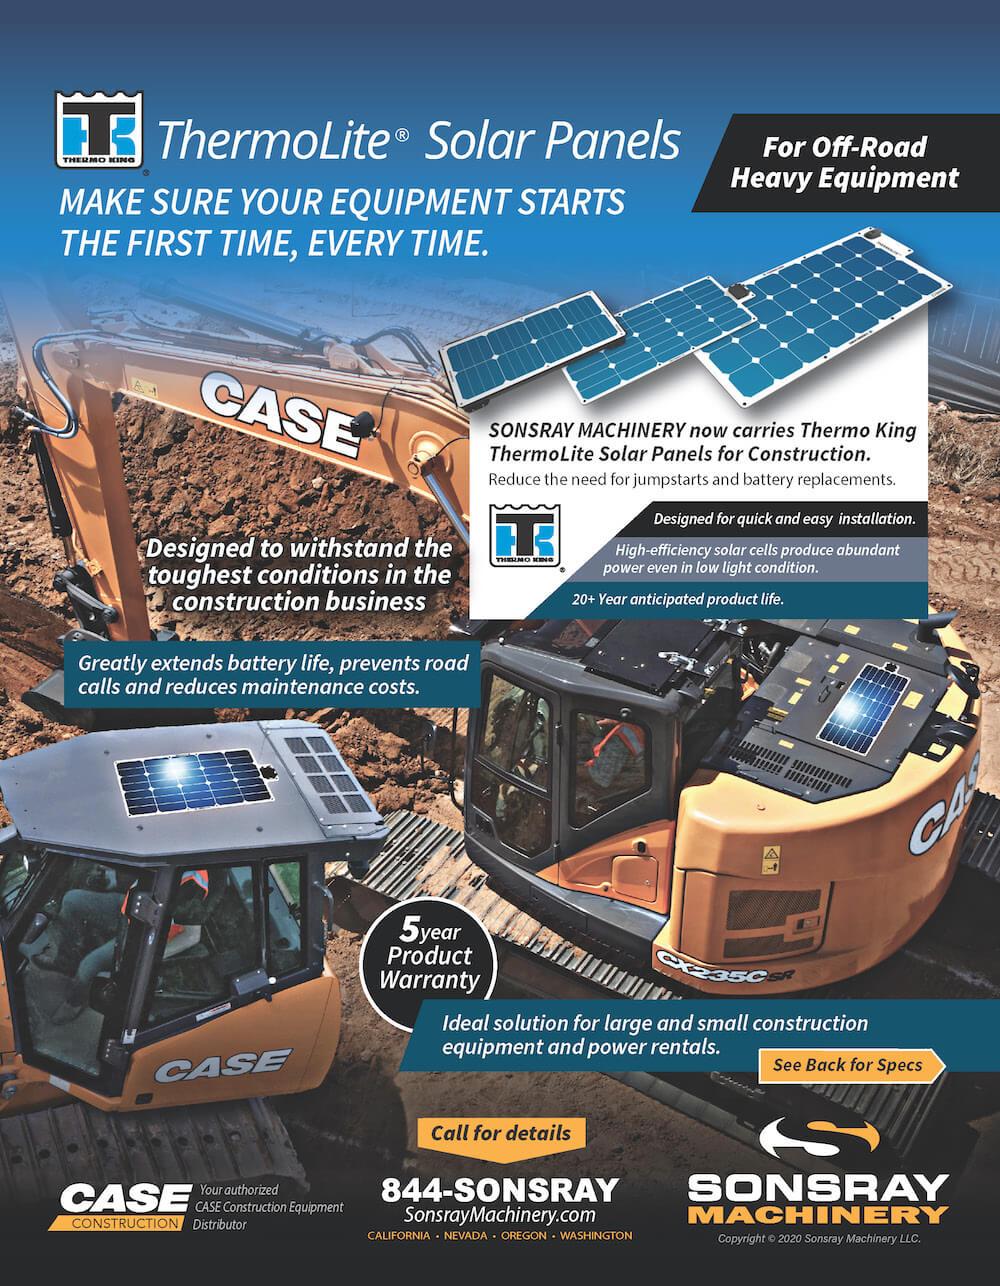 solar panels for heavy equipment